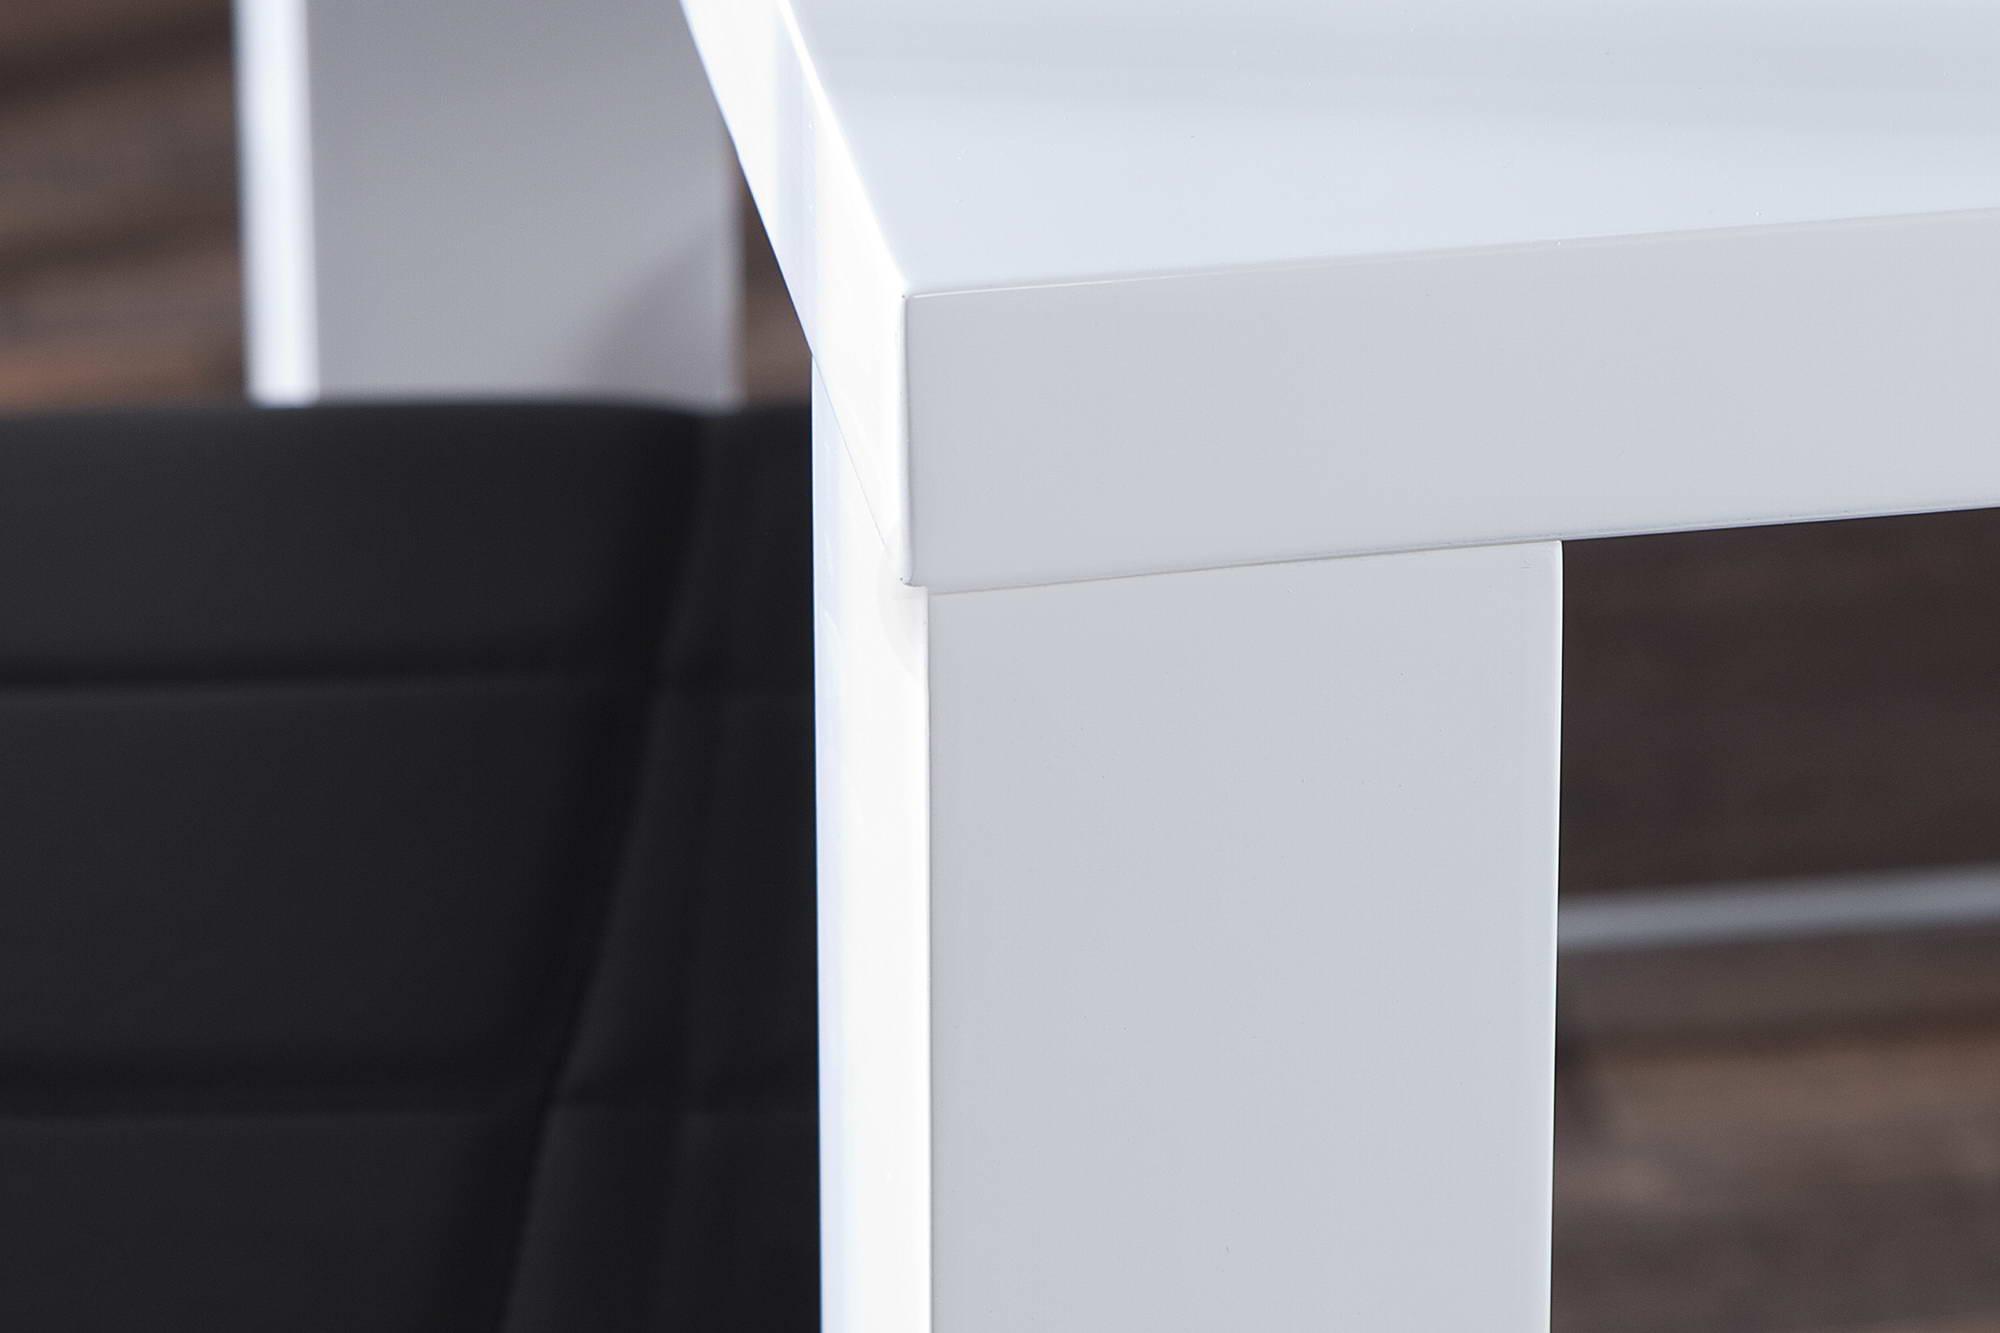 Jídelní stůl bílý vysoký lesk Radiant 140cm